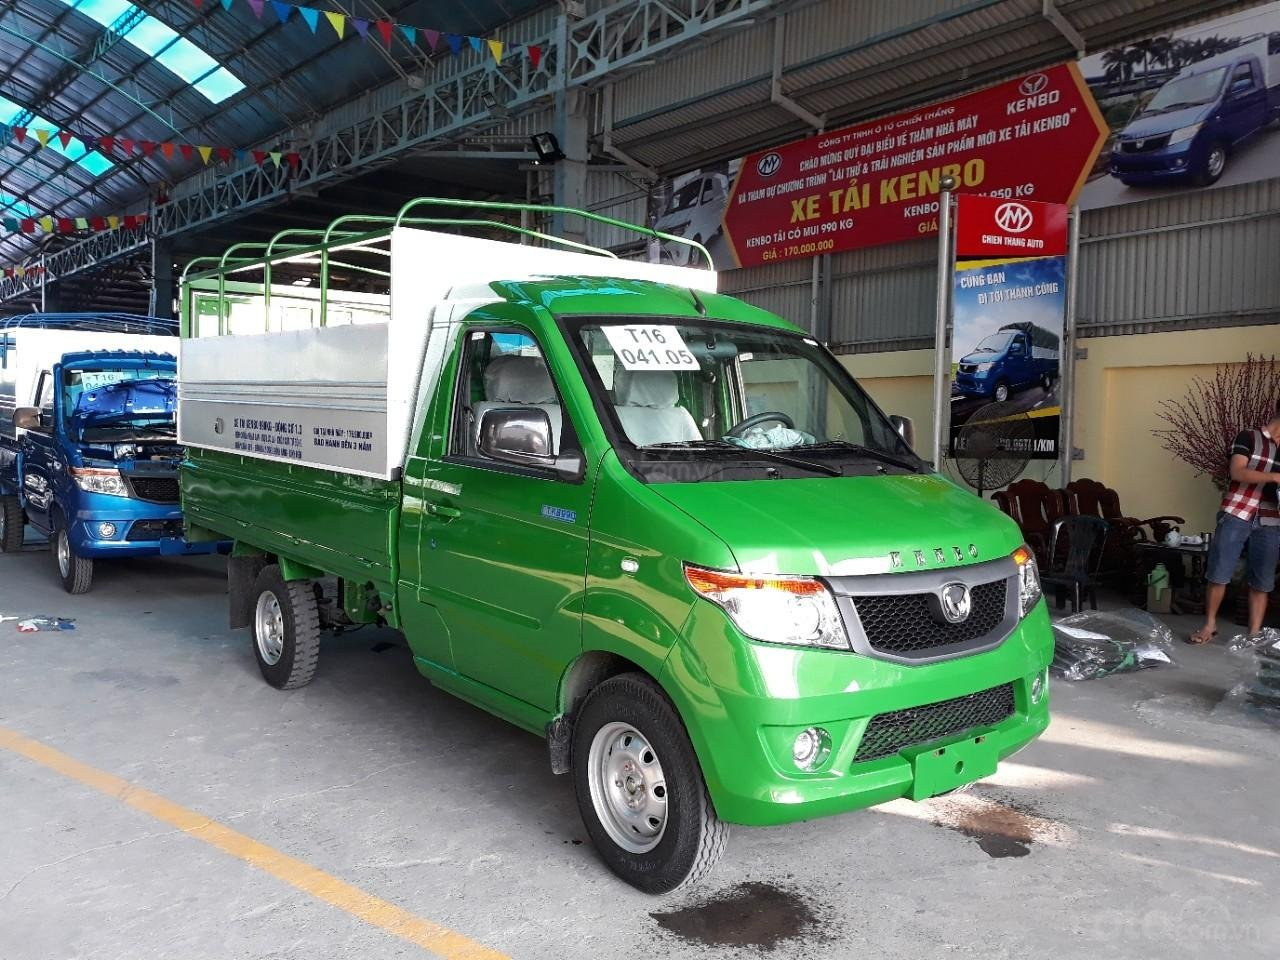 Bán xe tải Kenbo mui bạt tại Thái Bình (7)